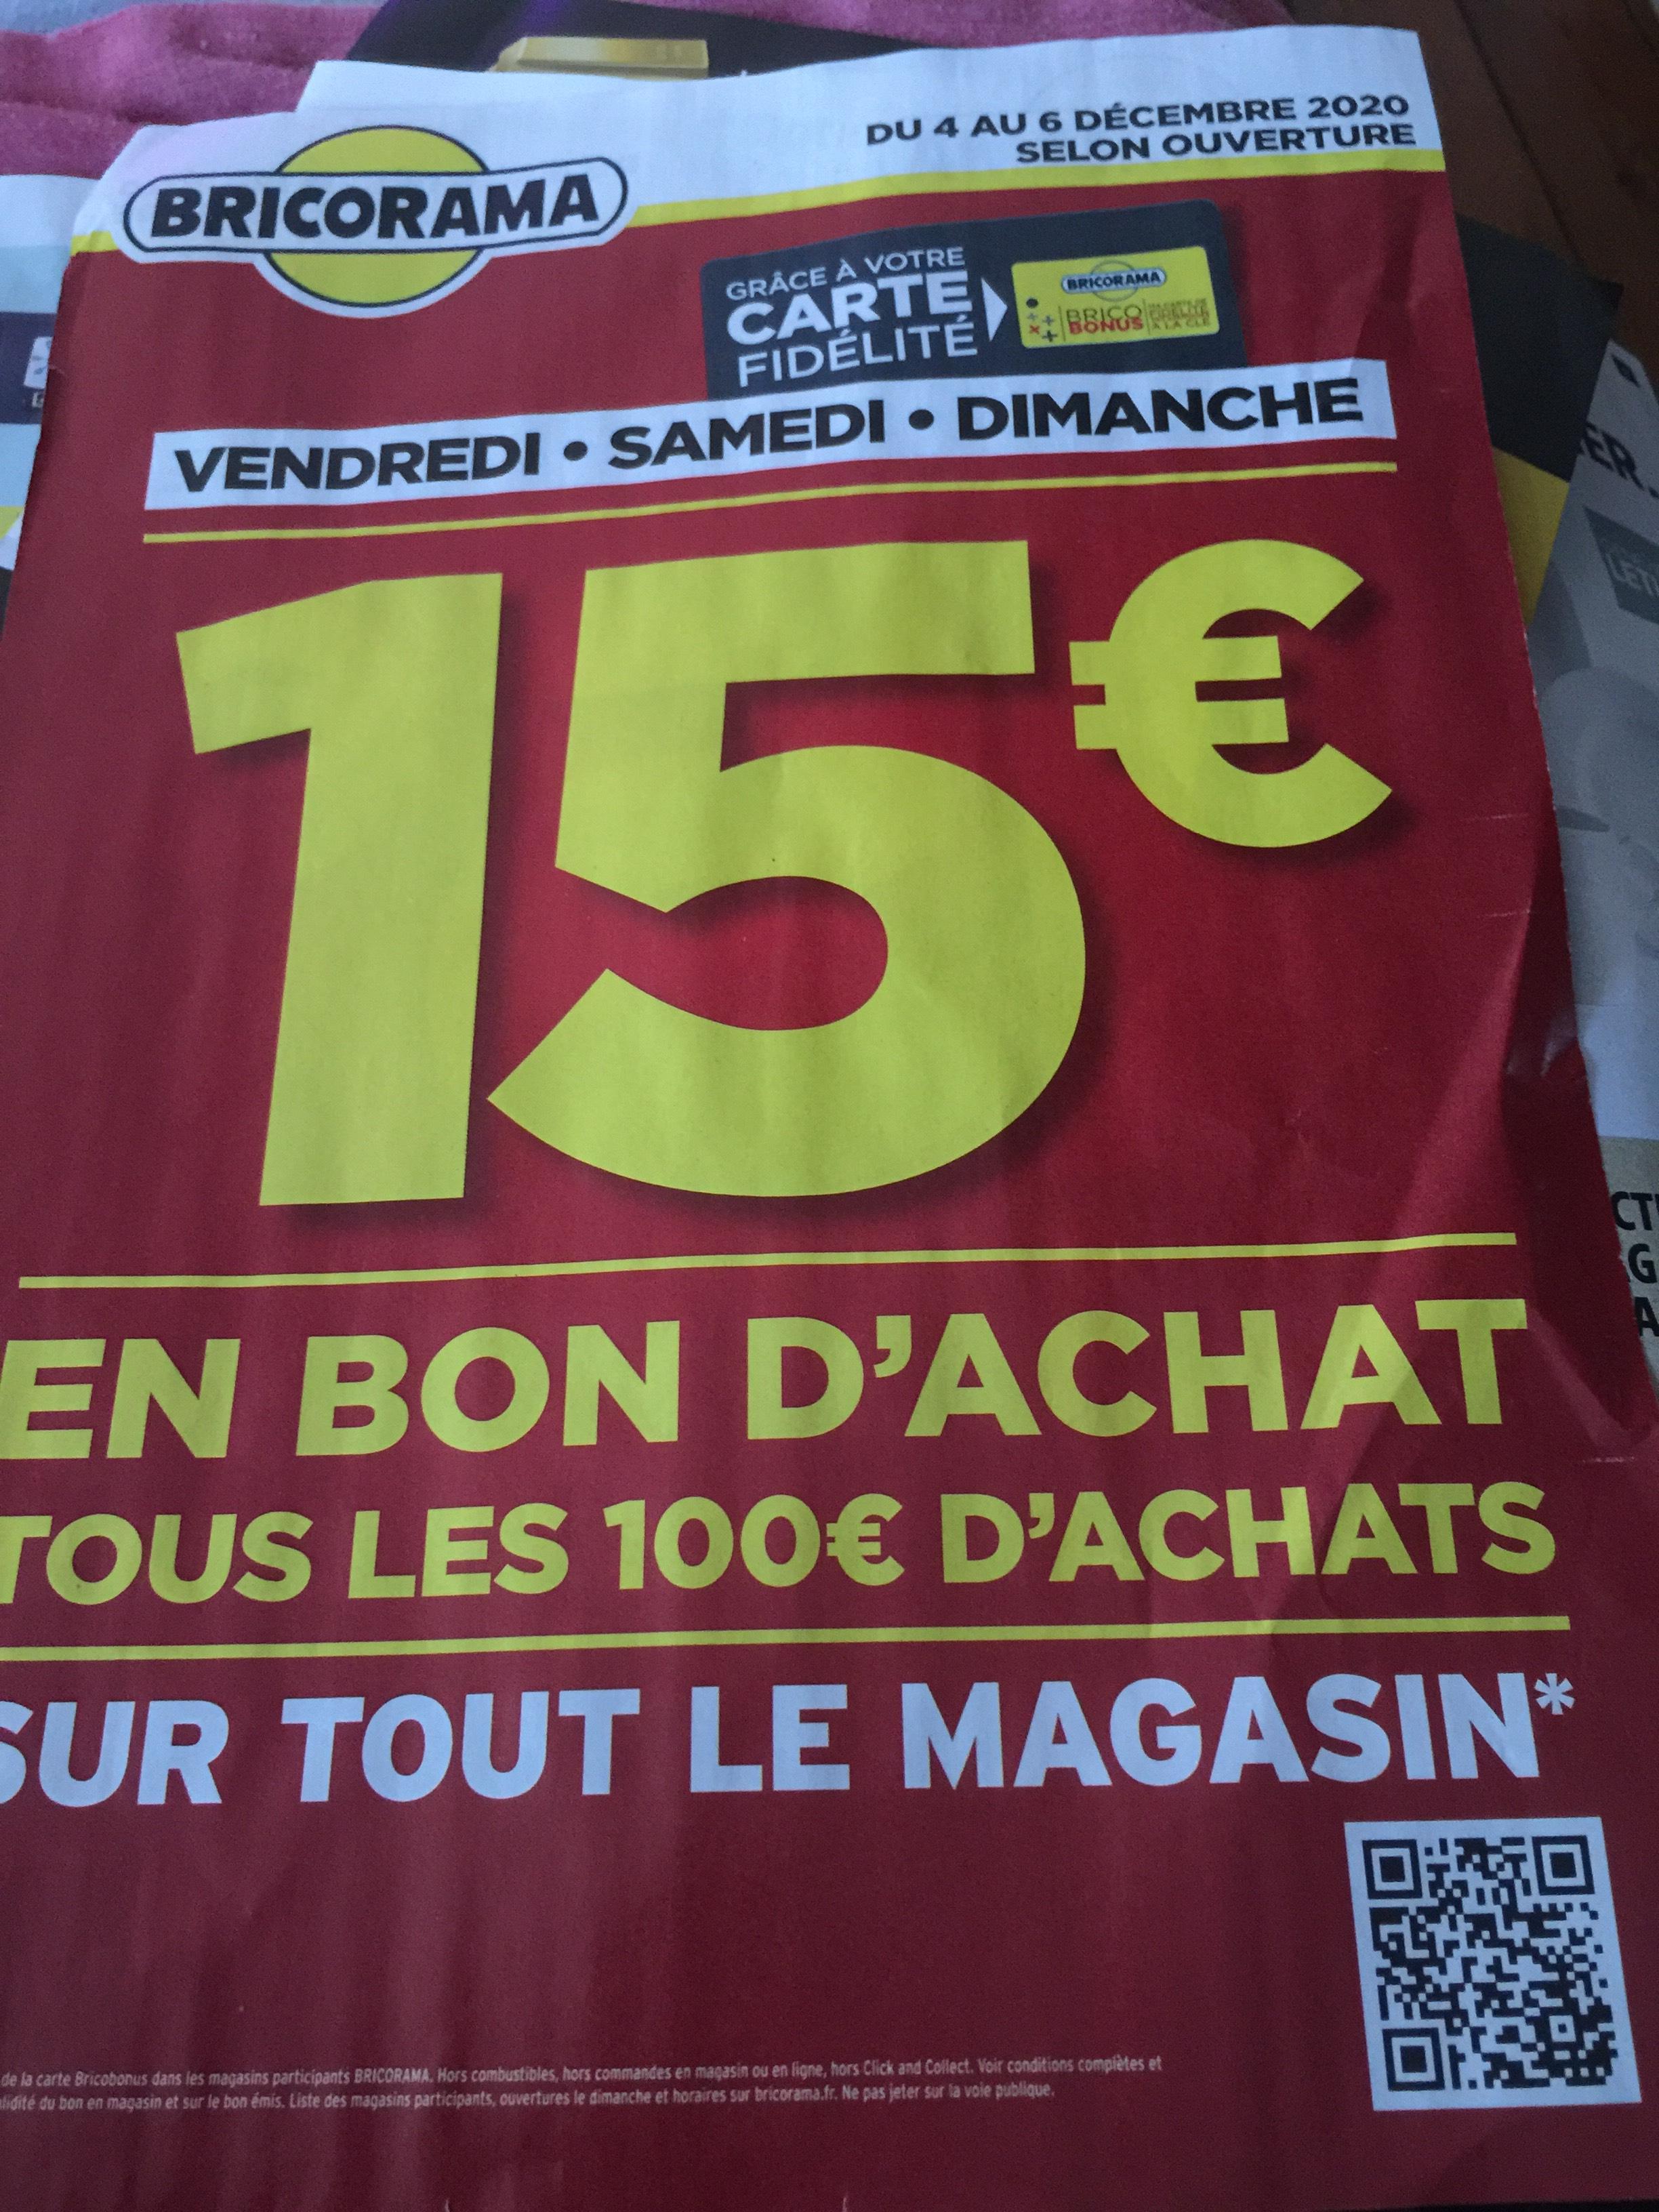 [Carte Fidélité] 15€ offerts en bon d'achat dès 100€ d'achat